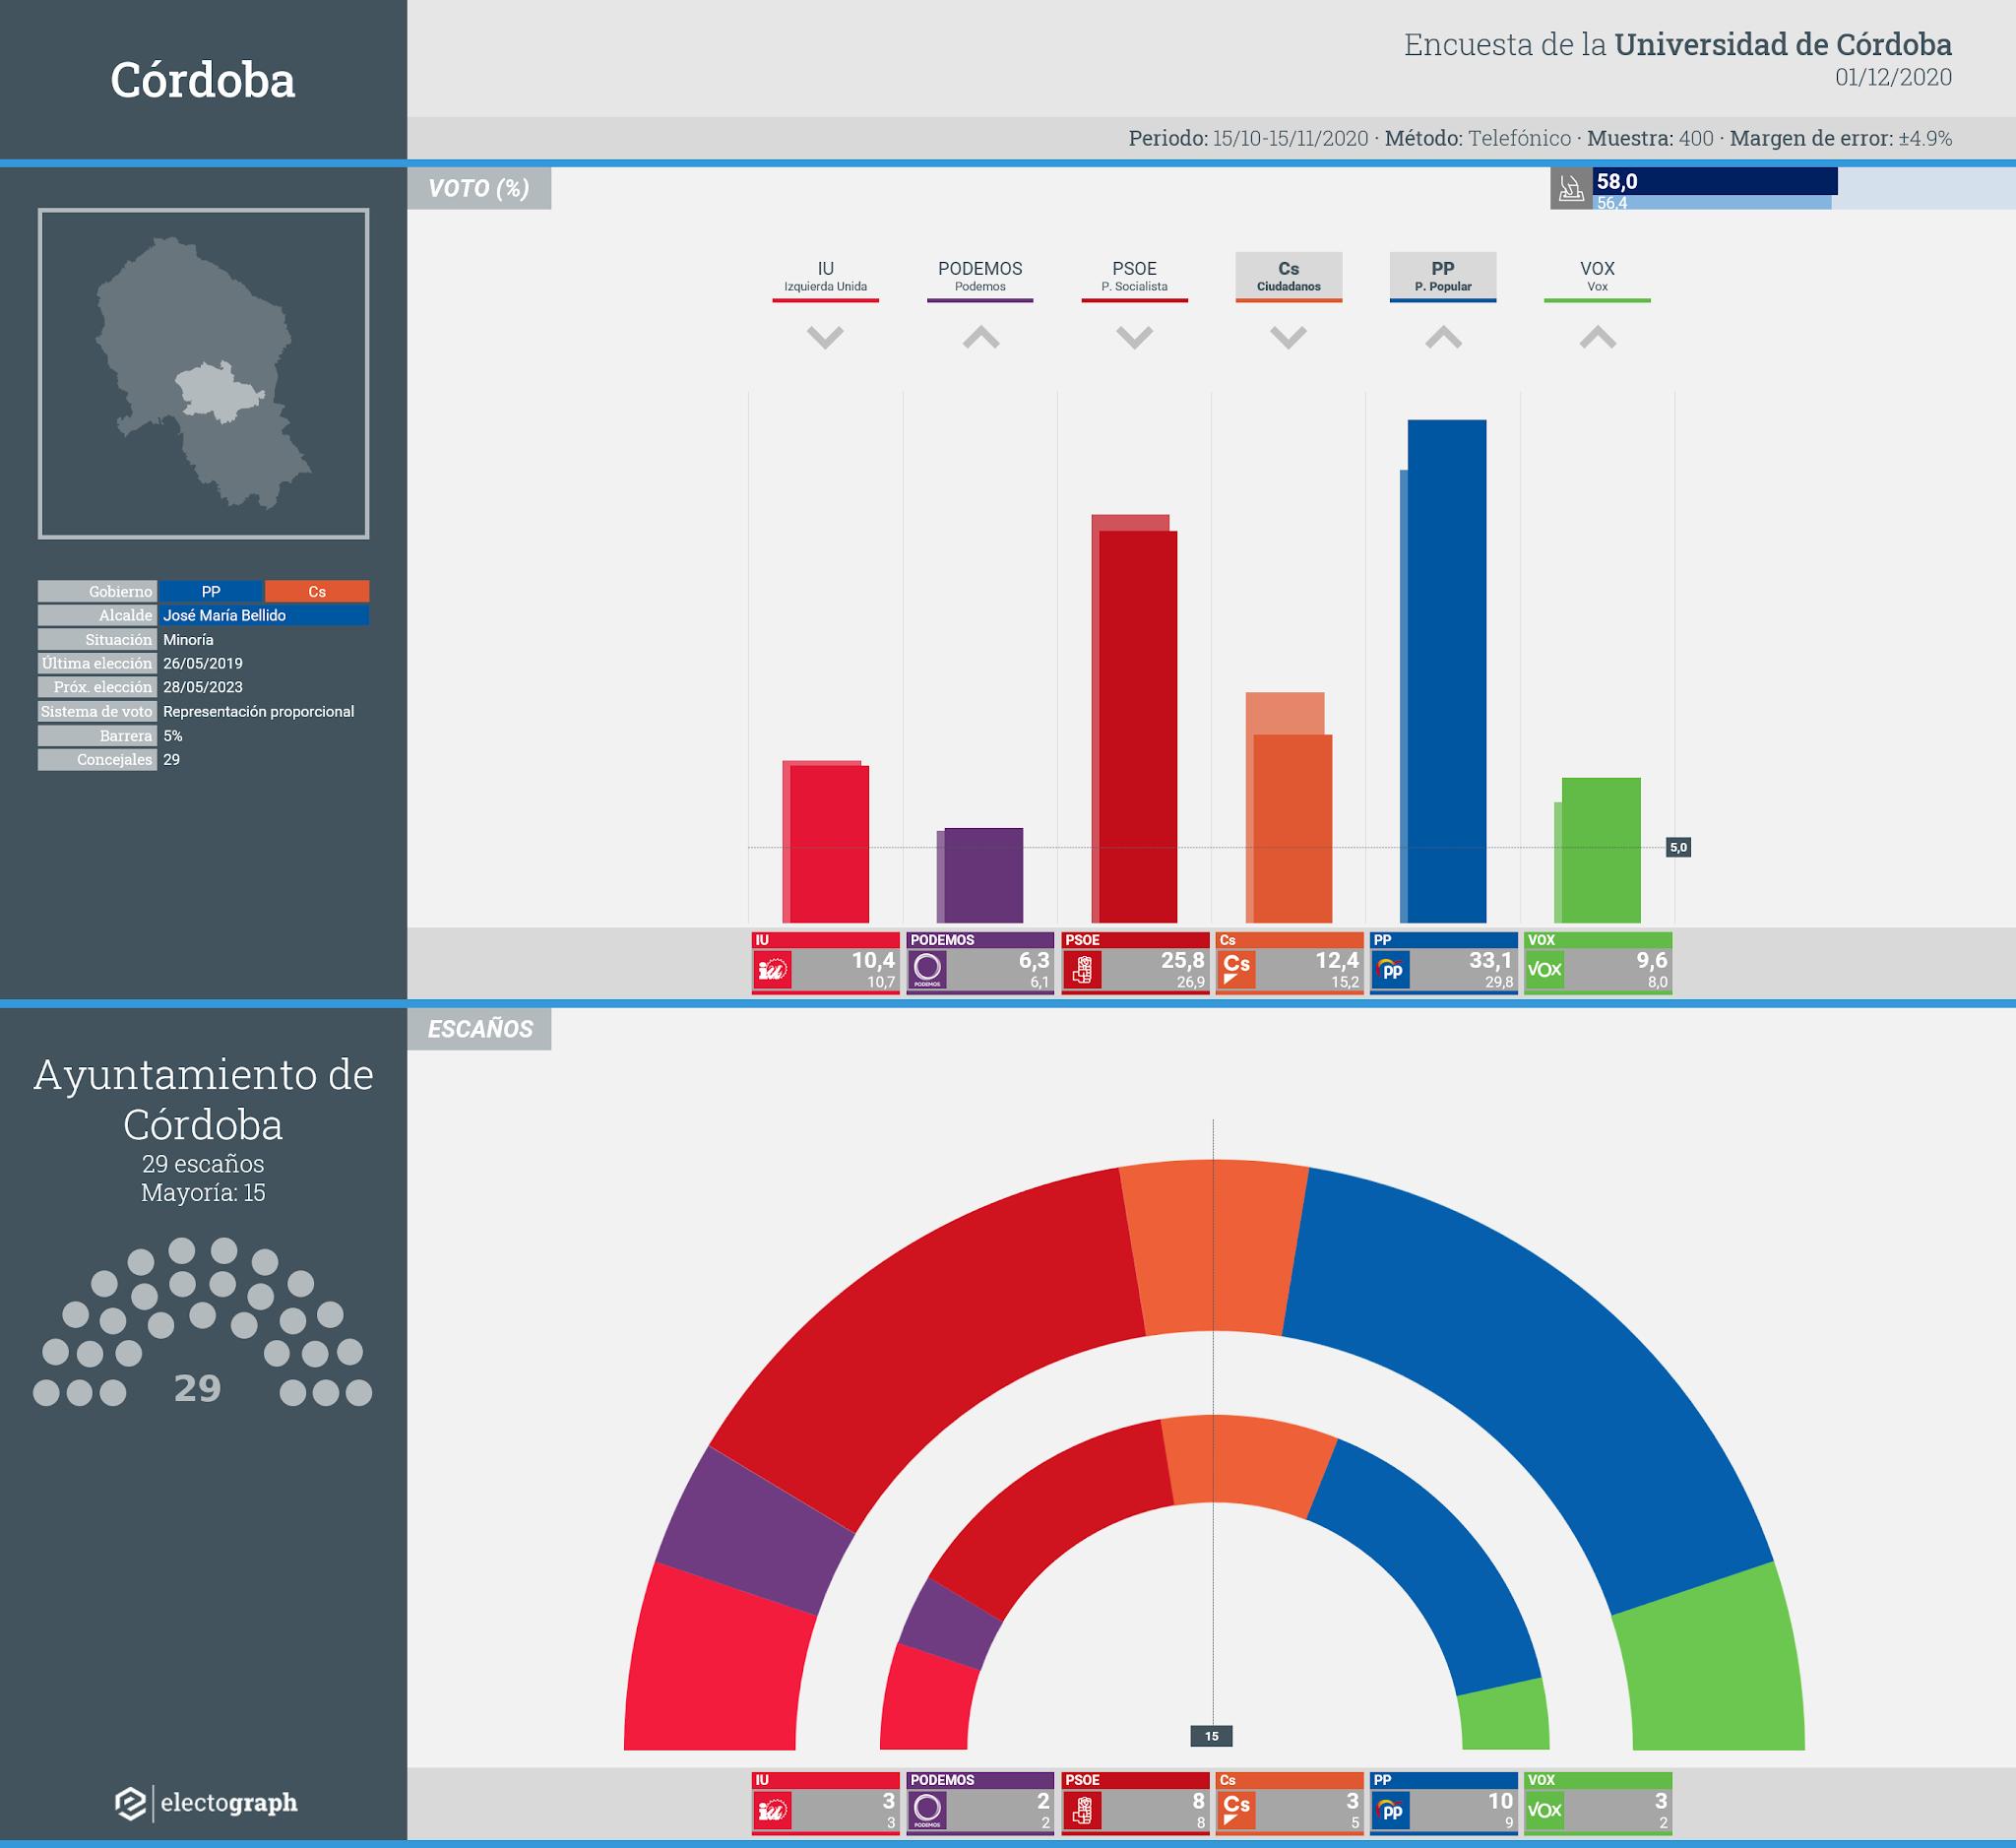 Gráfico de la encuesta para elecciones municipales en Córdoba realizada por la Universidad de Córdoba, 1 de diciembre de 2020